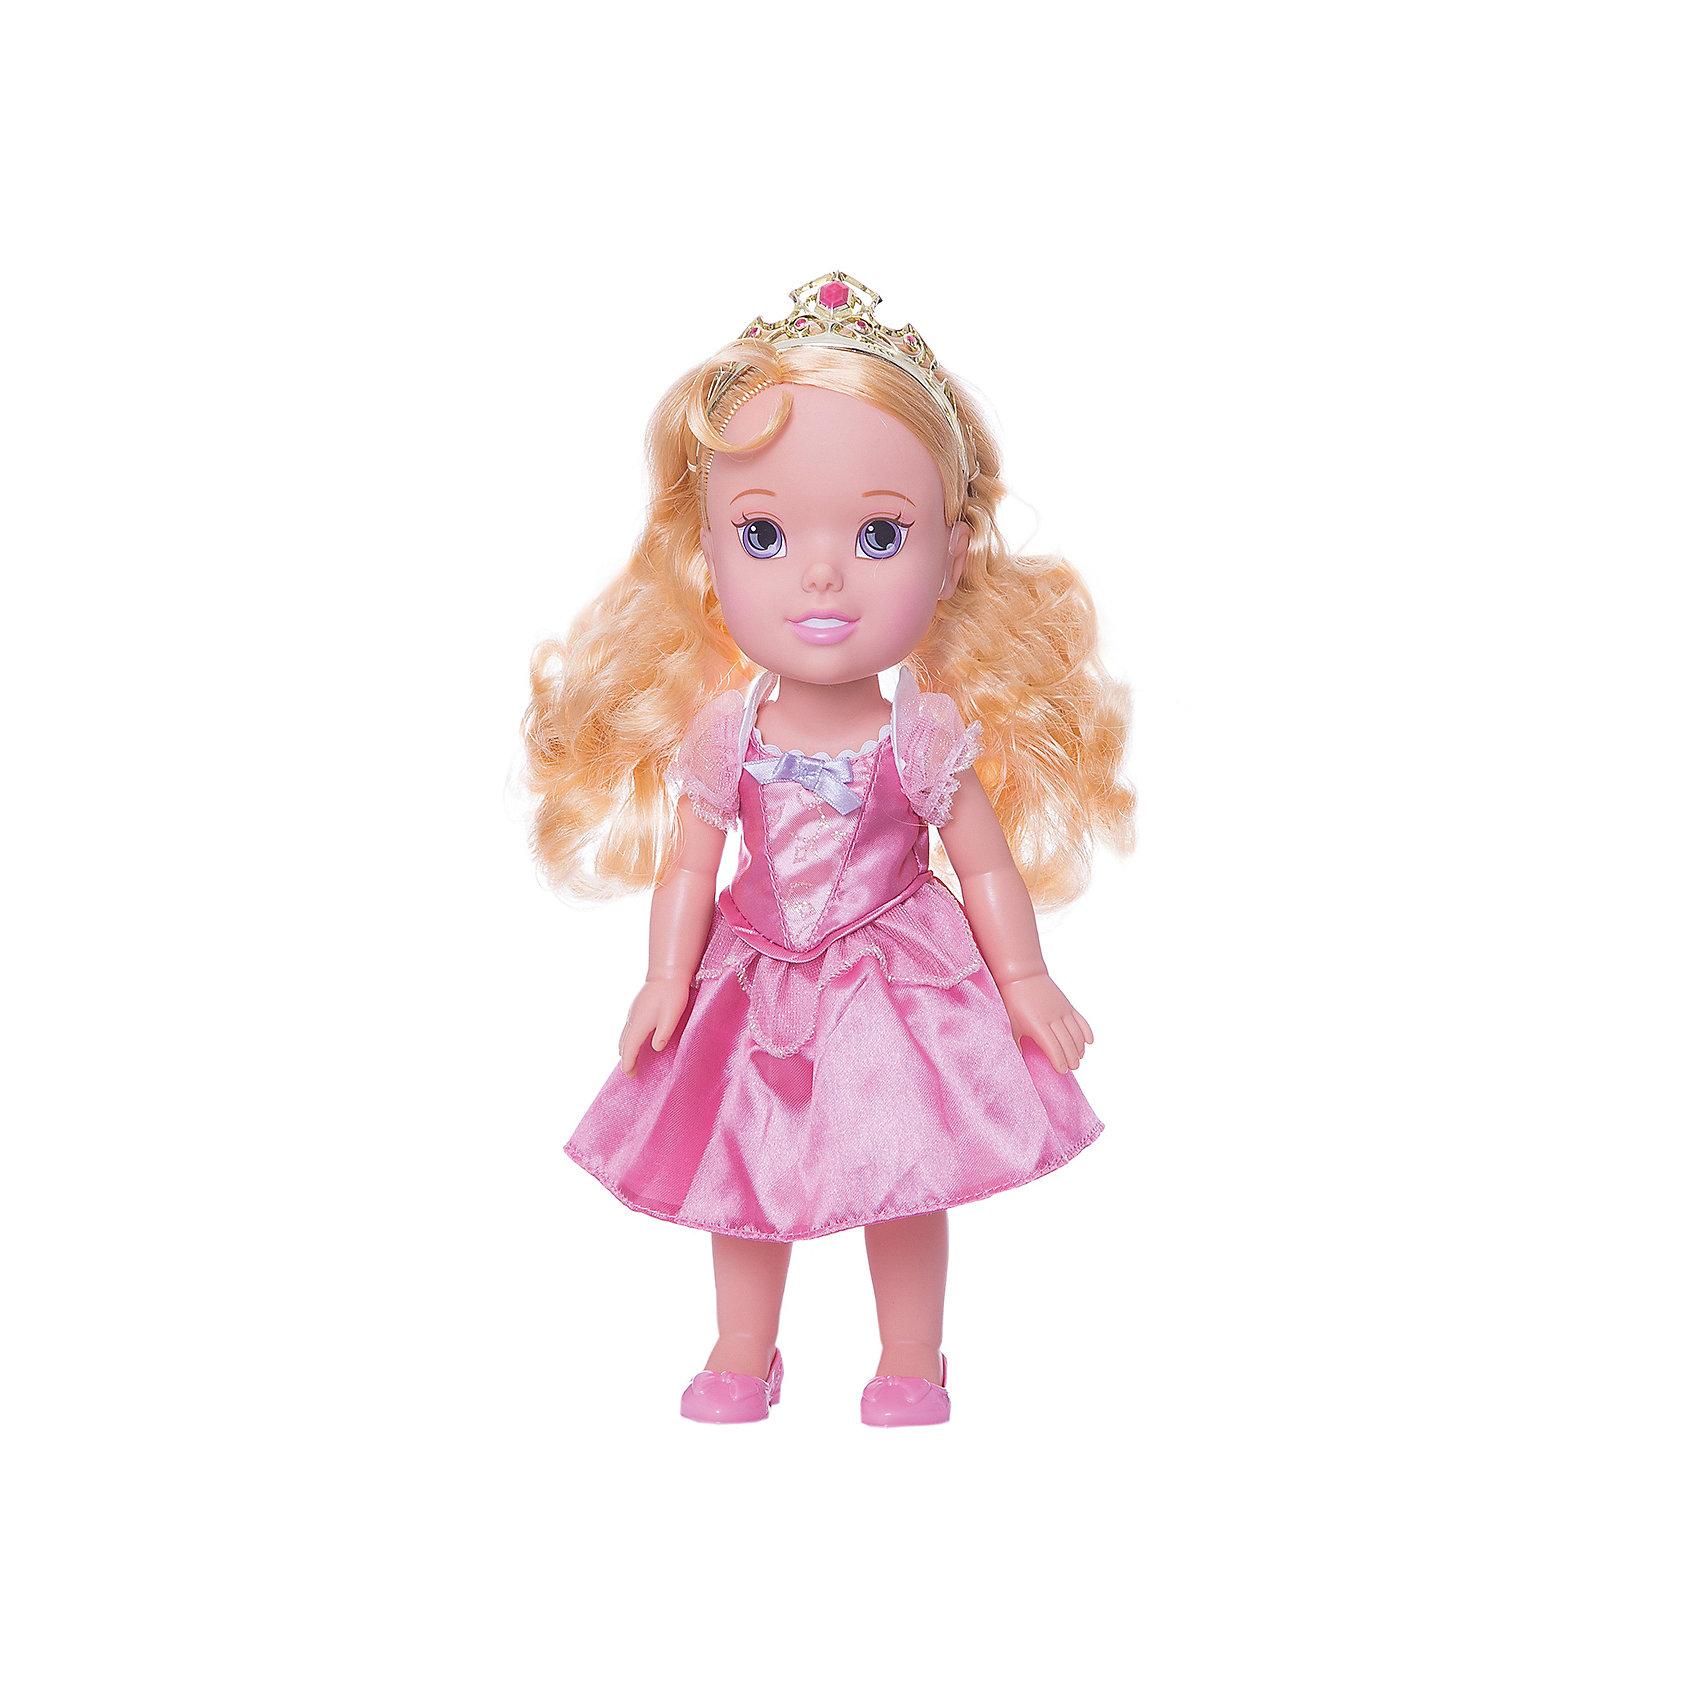 Jakks Pacific Кукла-малышка Принцессы Диснея Аврора, 31 см. спящая красавица